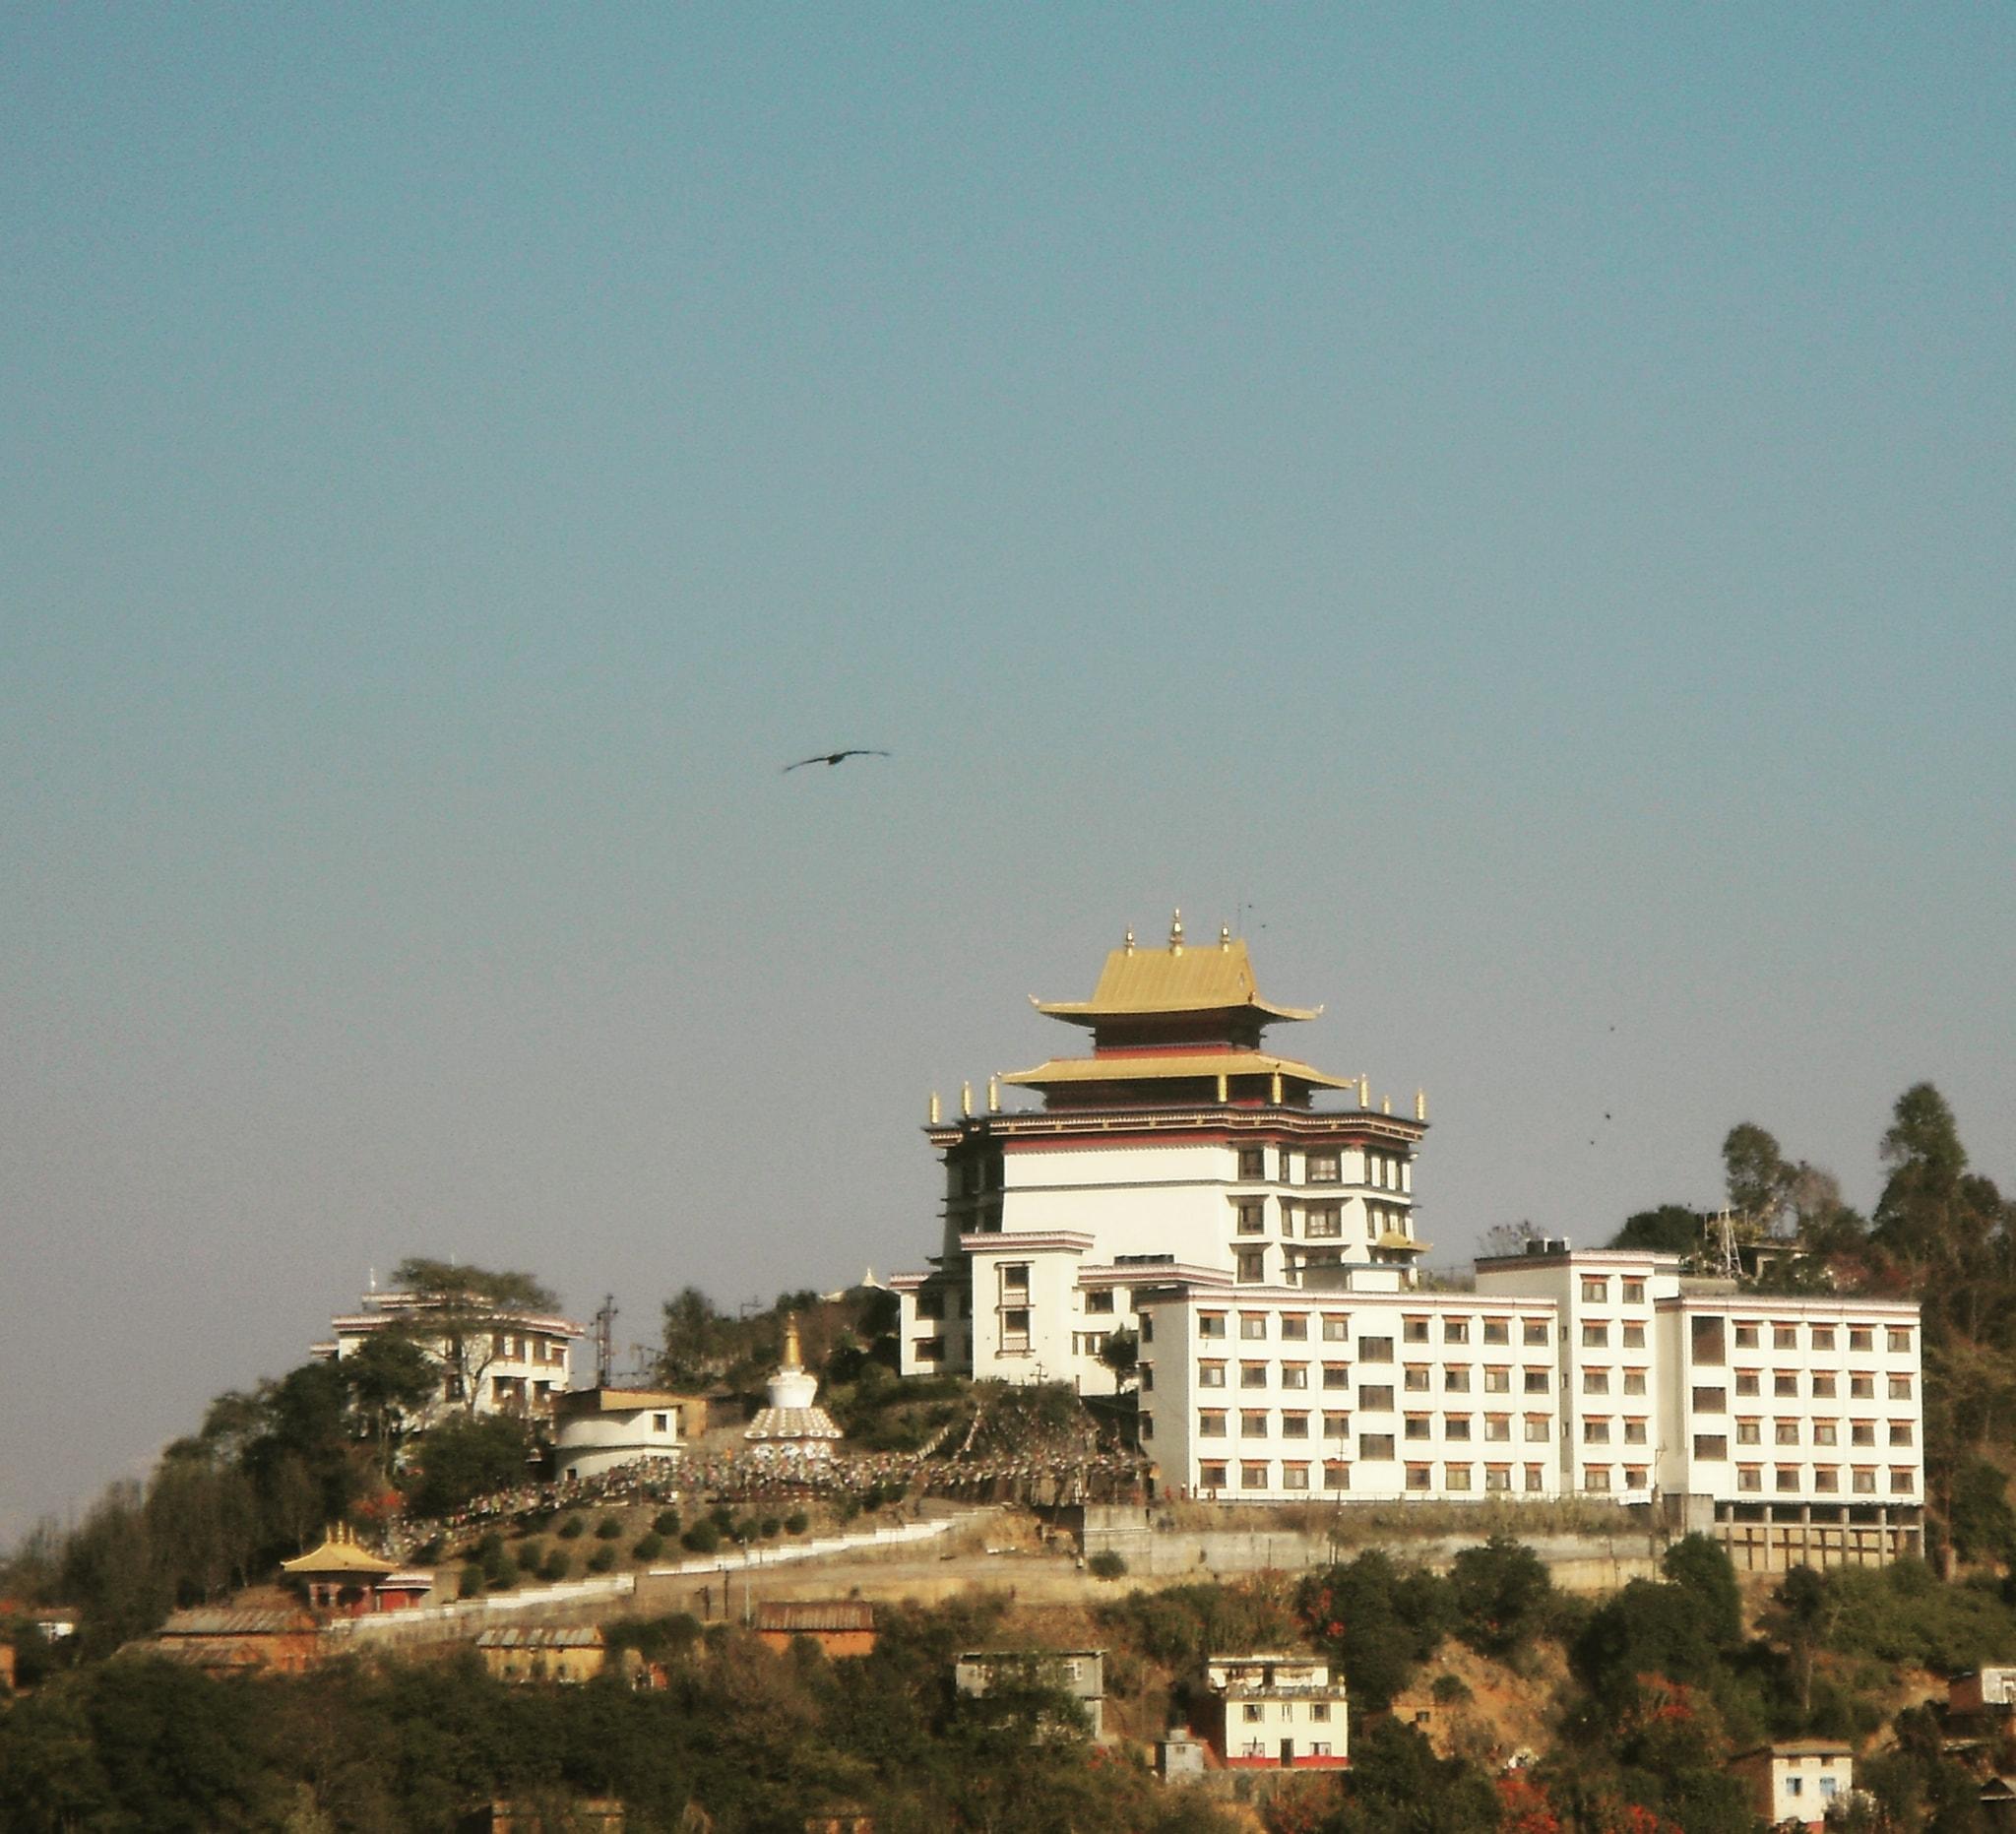 Κατμαντού,   Νεπάλ - 9 Ιανουαρίου, 2019   Θιβετιανό Μοναστήρι